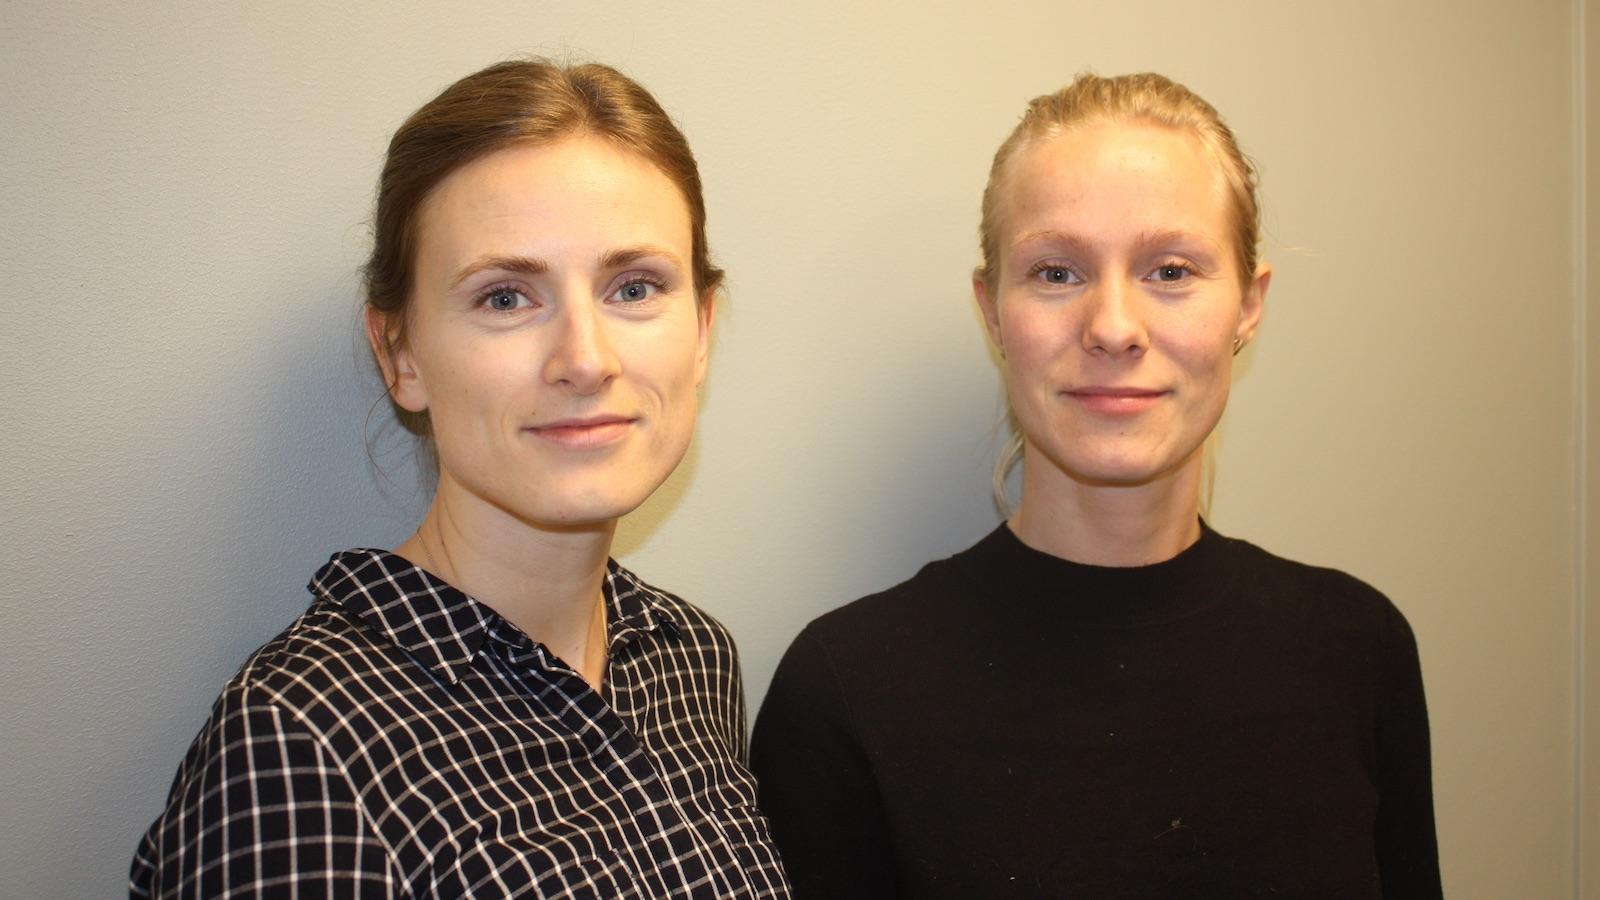 En av fire etterlatte etter Utøya-terroren har brukt alkohol for å mestresorg